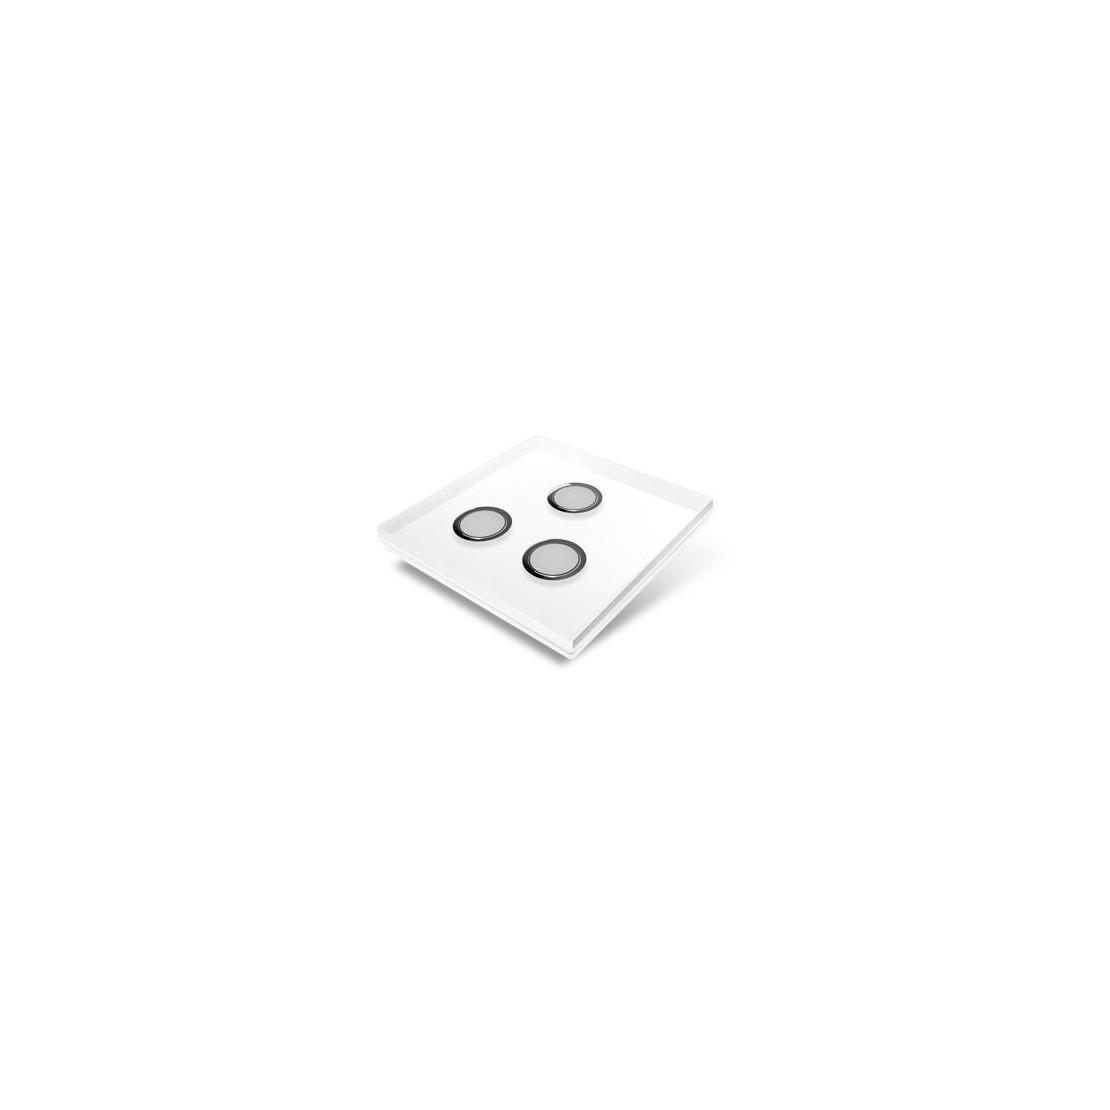 Tampa de cobertura para interruptor Edisio - cristal branco